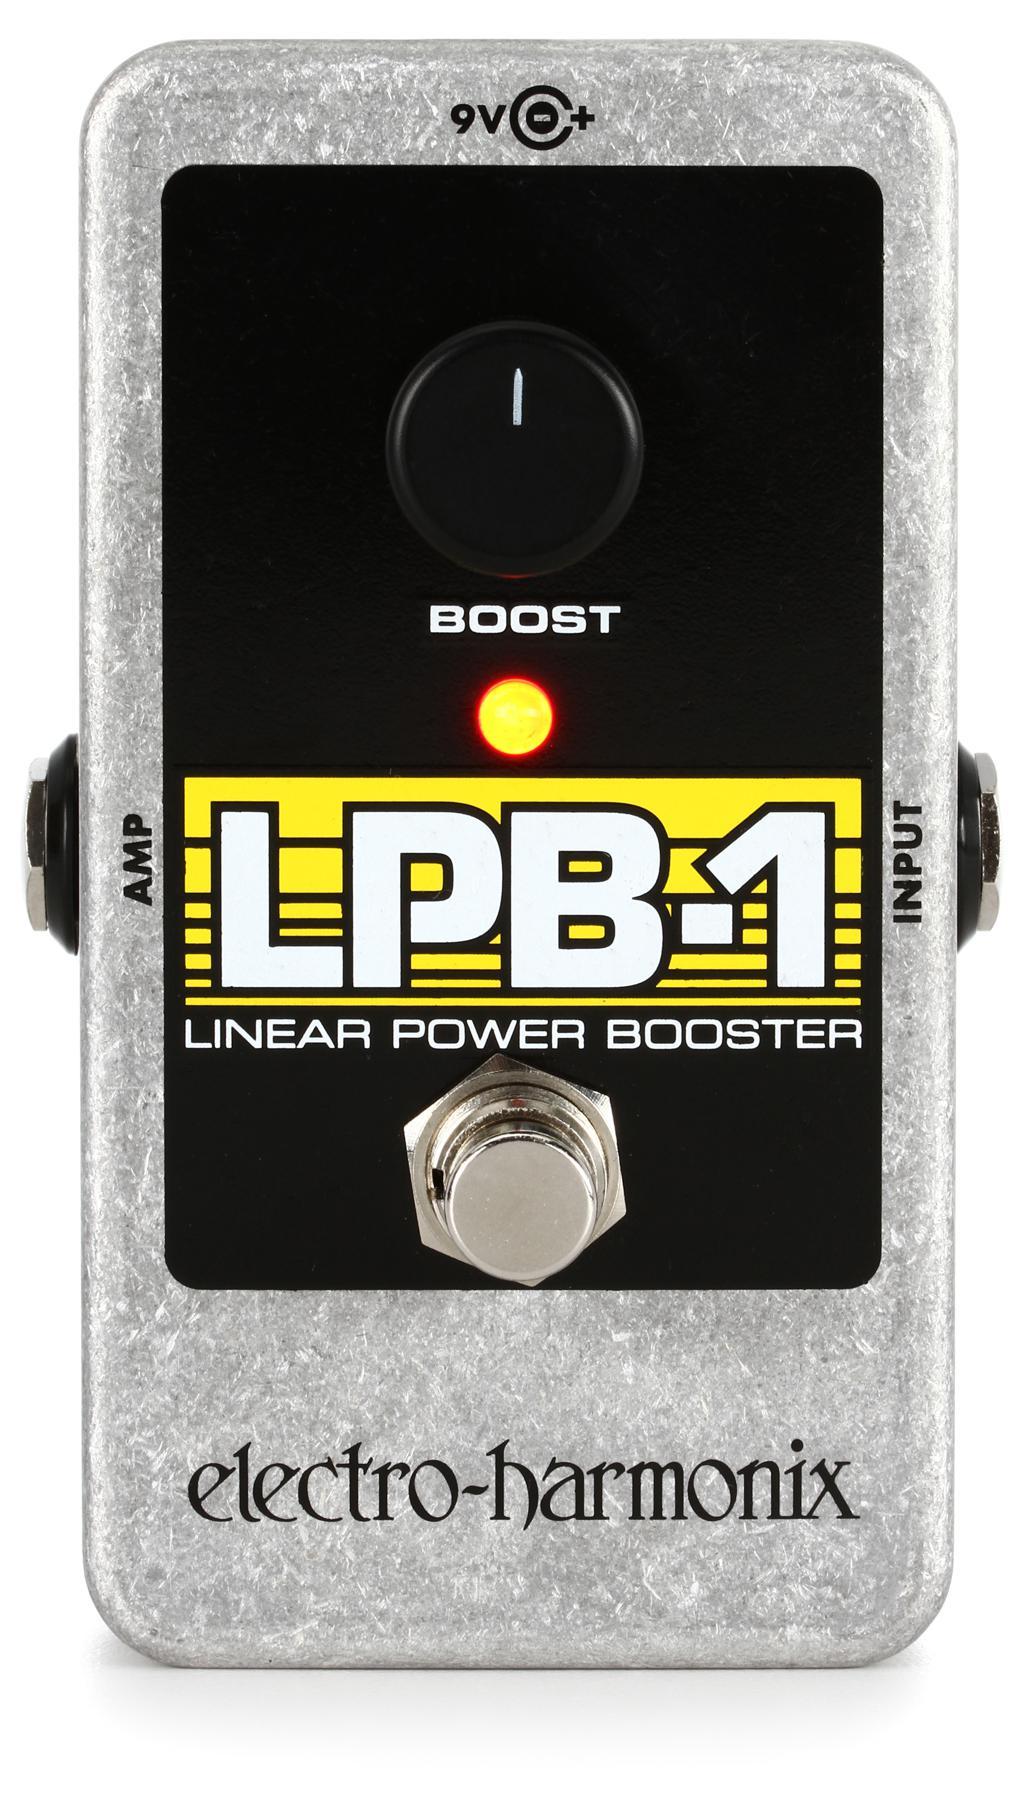 2. Electro-Harmonix LPB-1